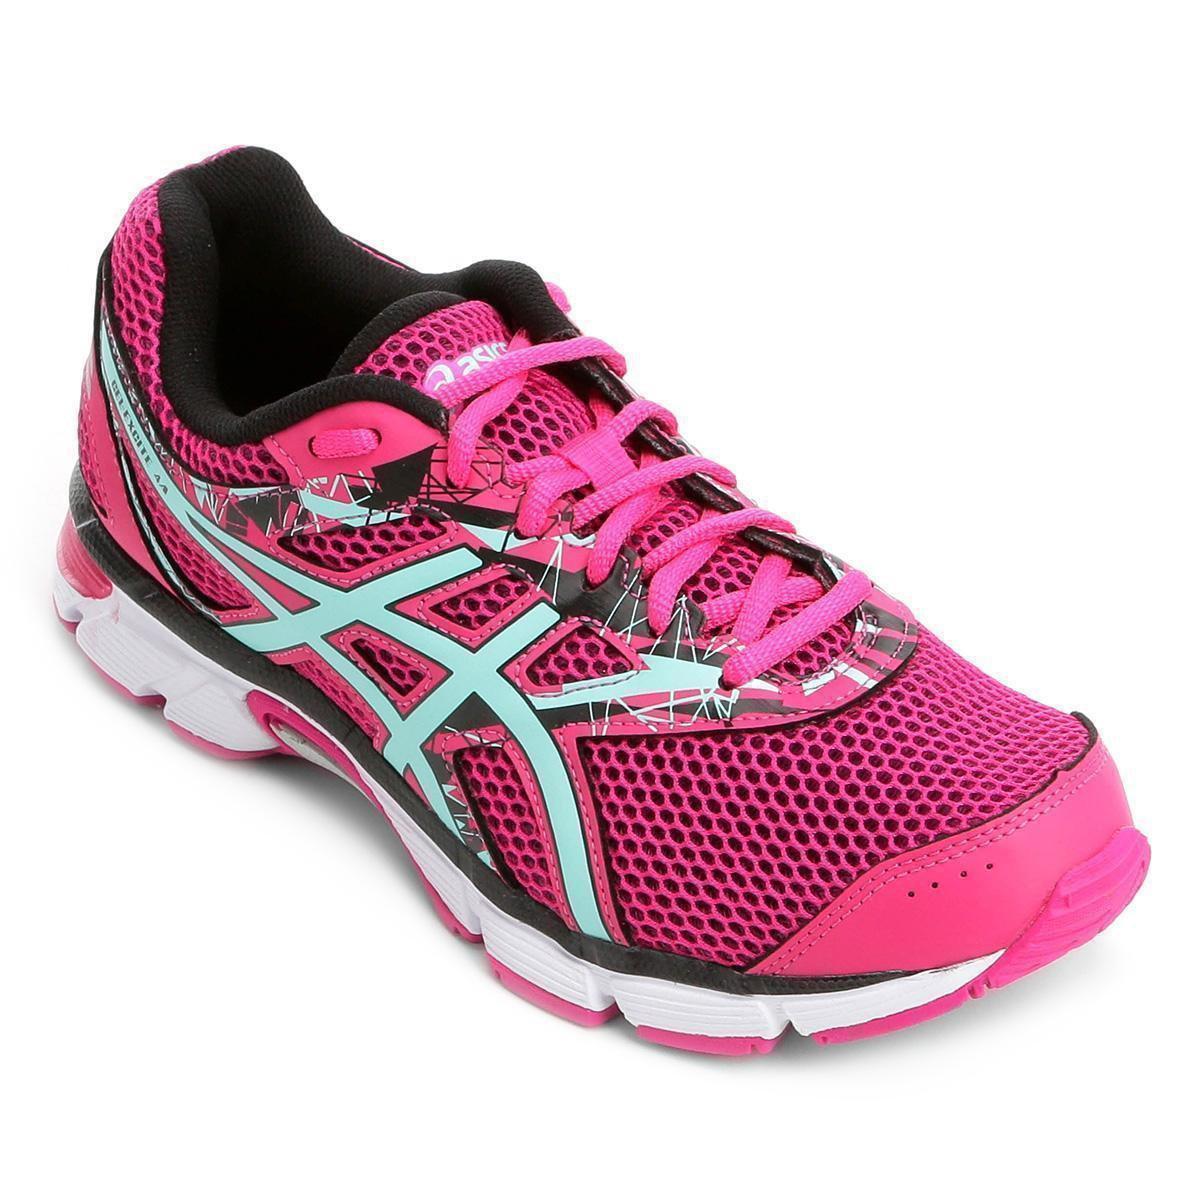 Tênis Asics GEL Excite 4 Feminino - Rosa - Compre Agora  ad1351894582d